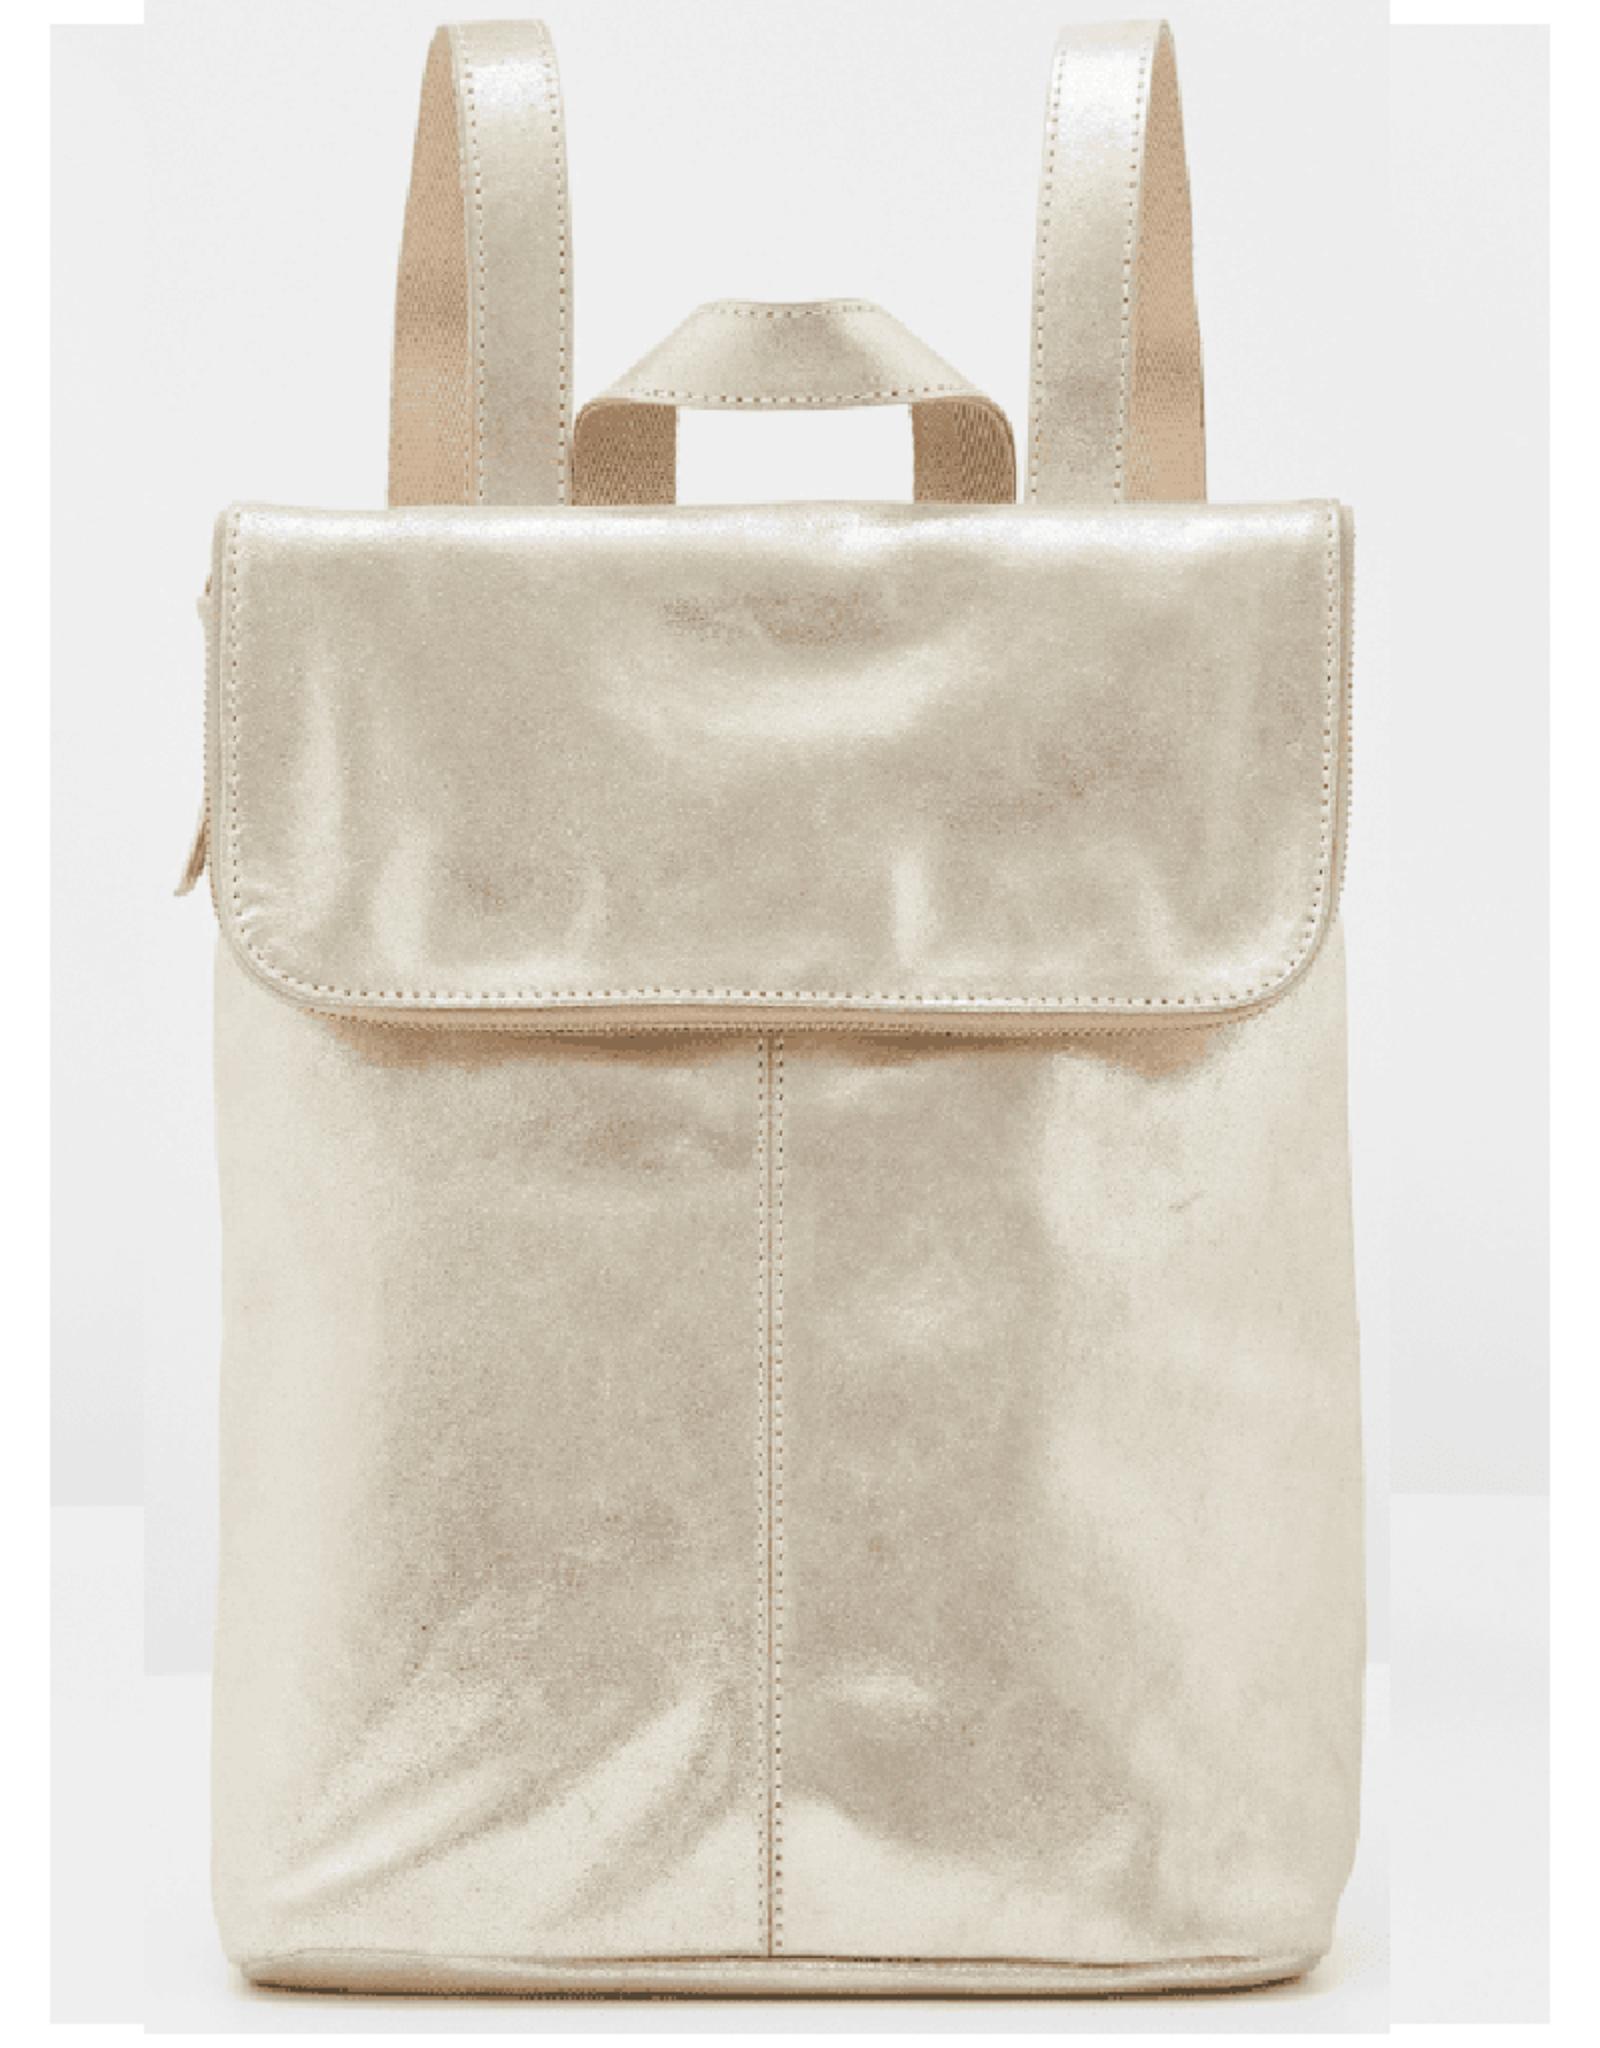 White Stuff White Stuff Fern Leather Backpack